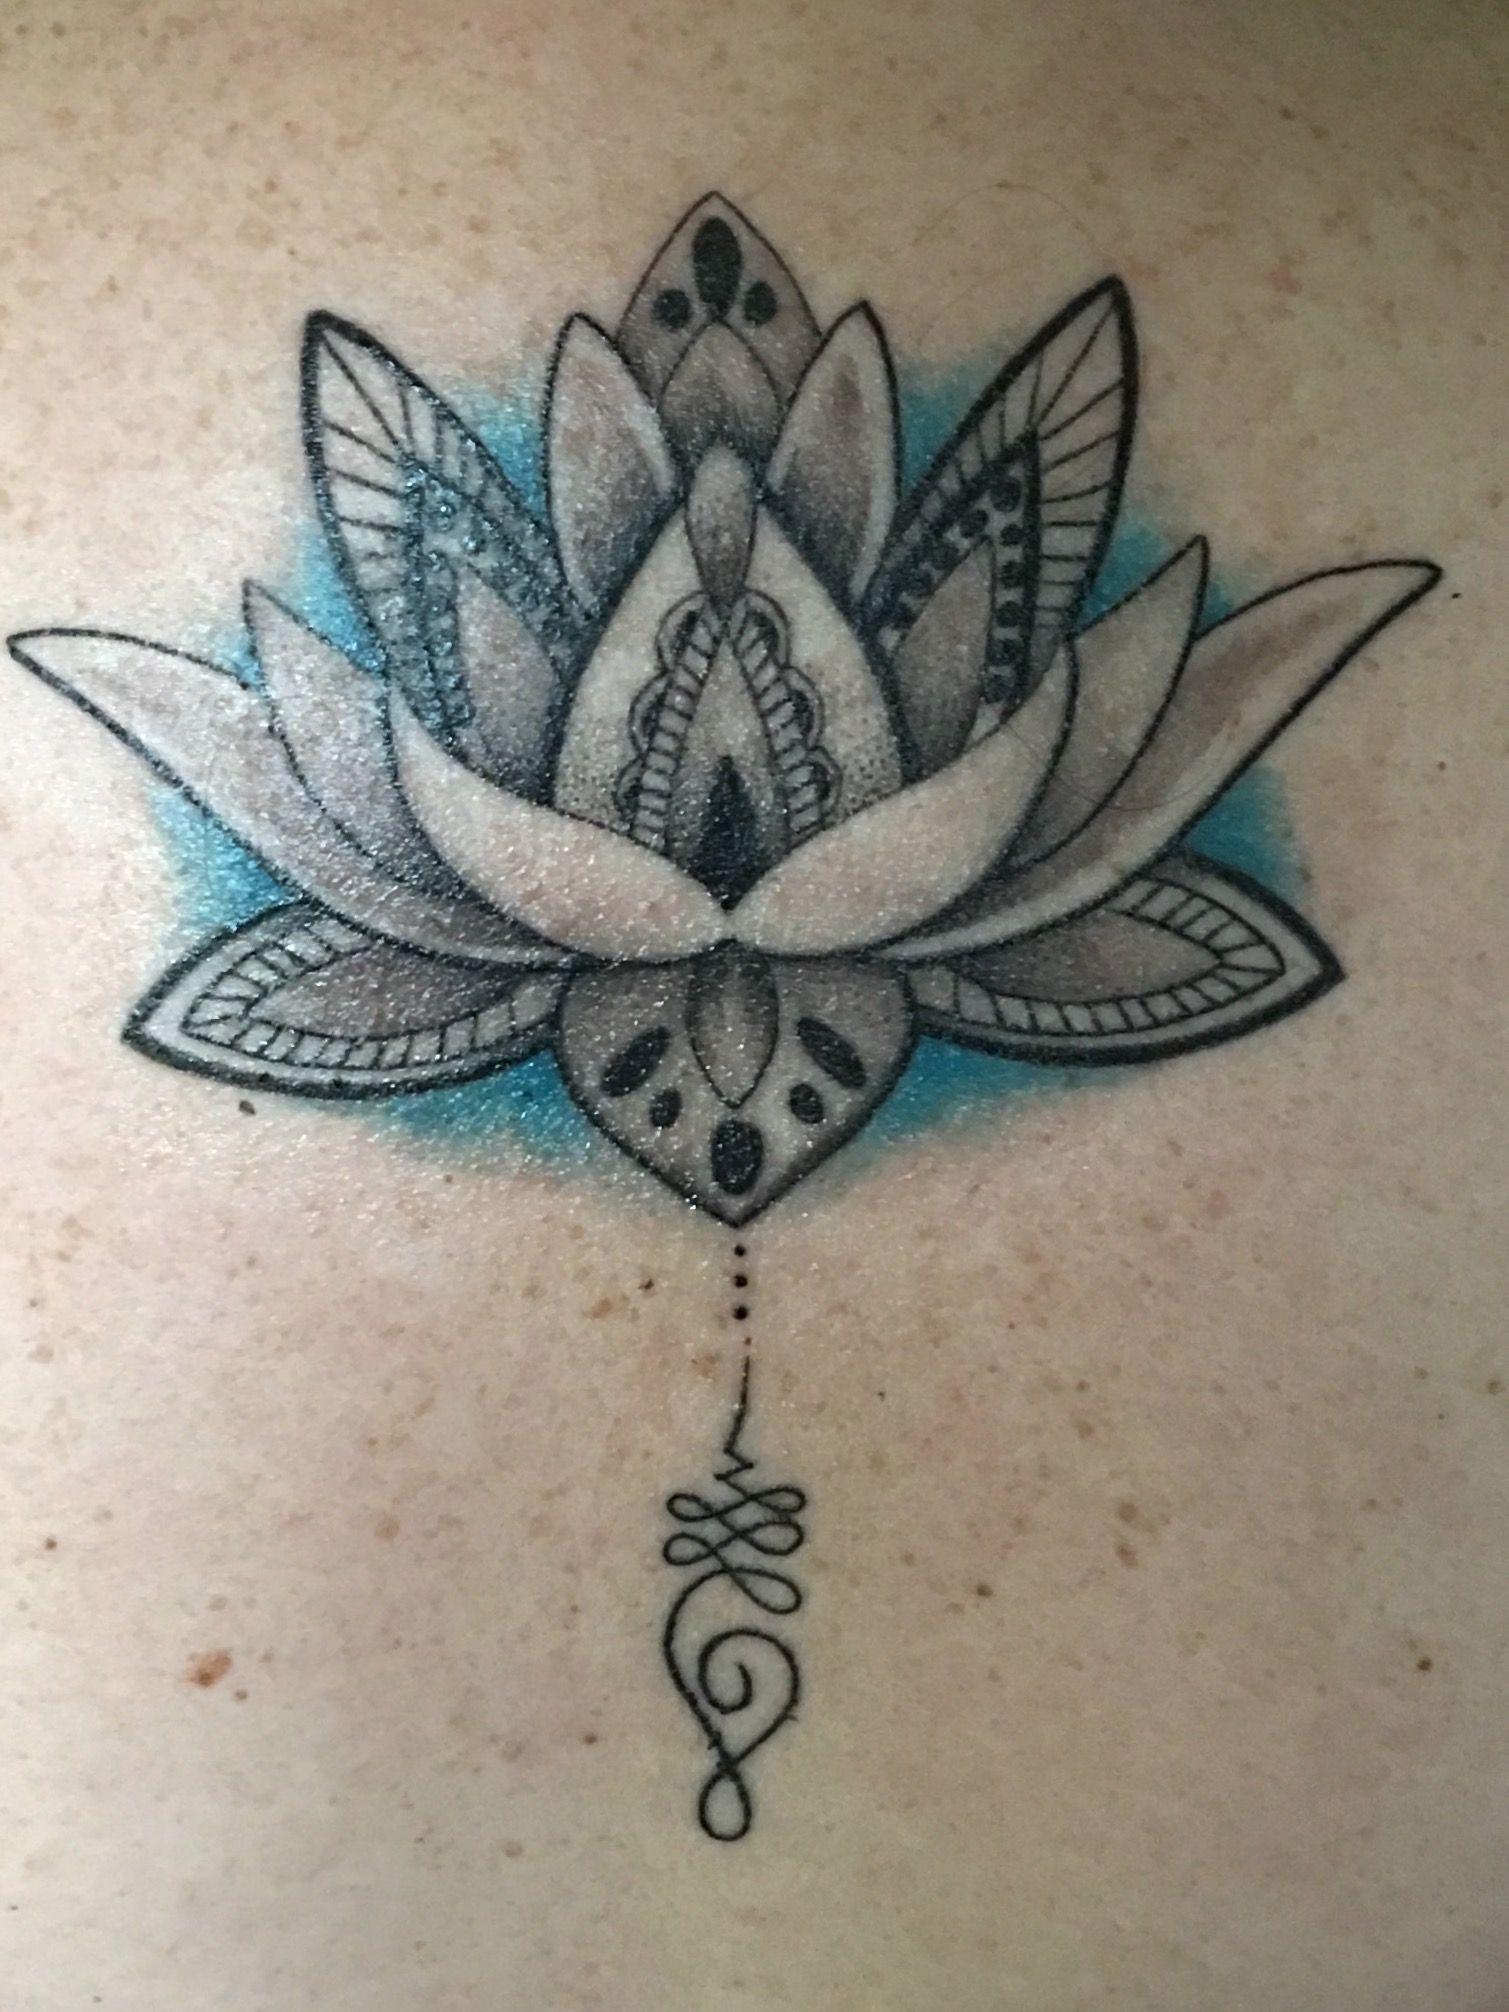 Lotus tattoo buddhist tattoo unalome meaningful body art lotus tattoo buddhist tattoo unalome meaningful body art izmirmasajfo